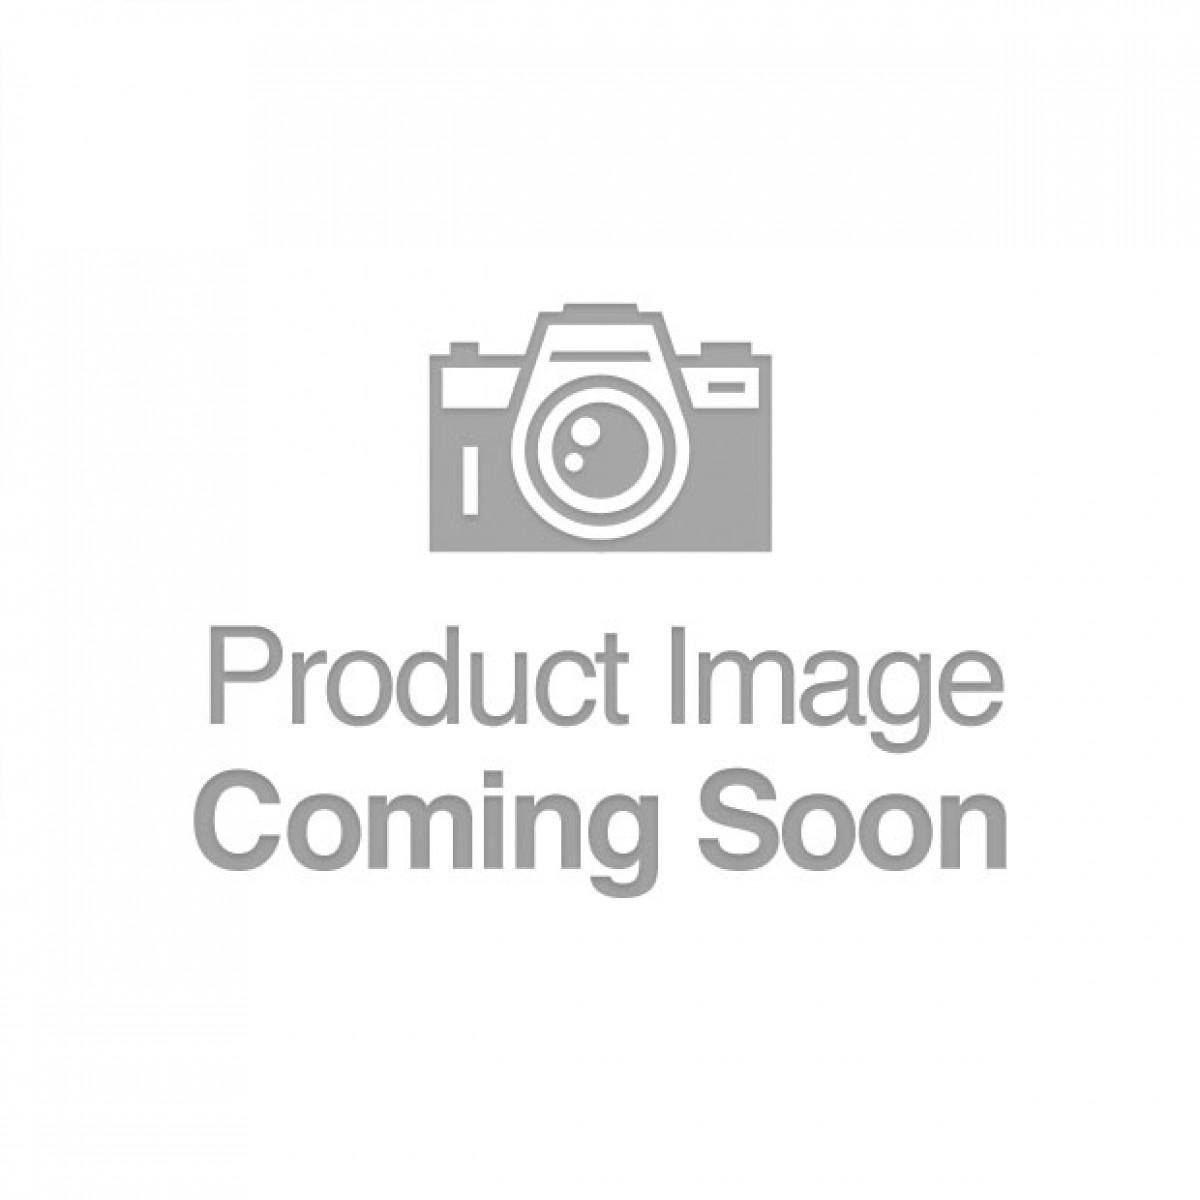 Shots Pumped Breast Pump Set - Medium Rose Gold